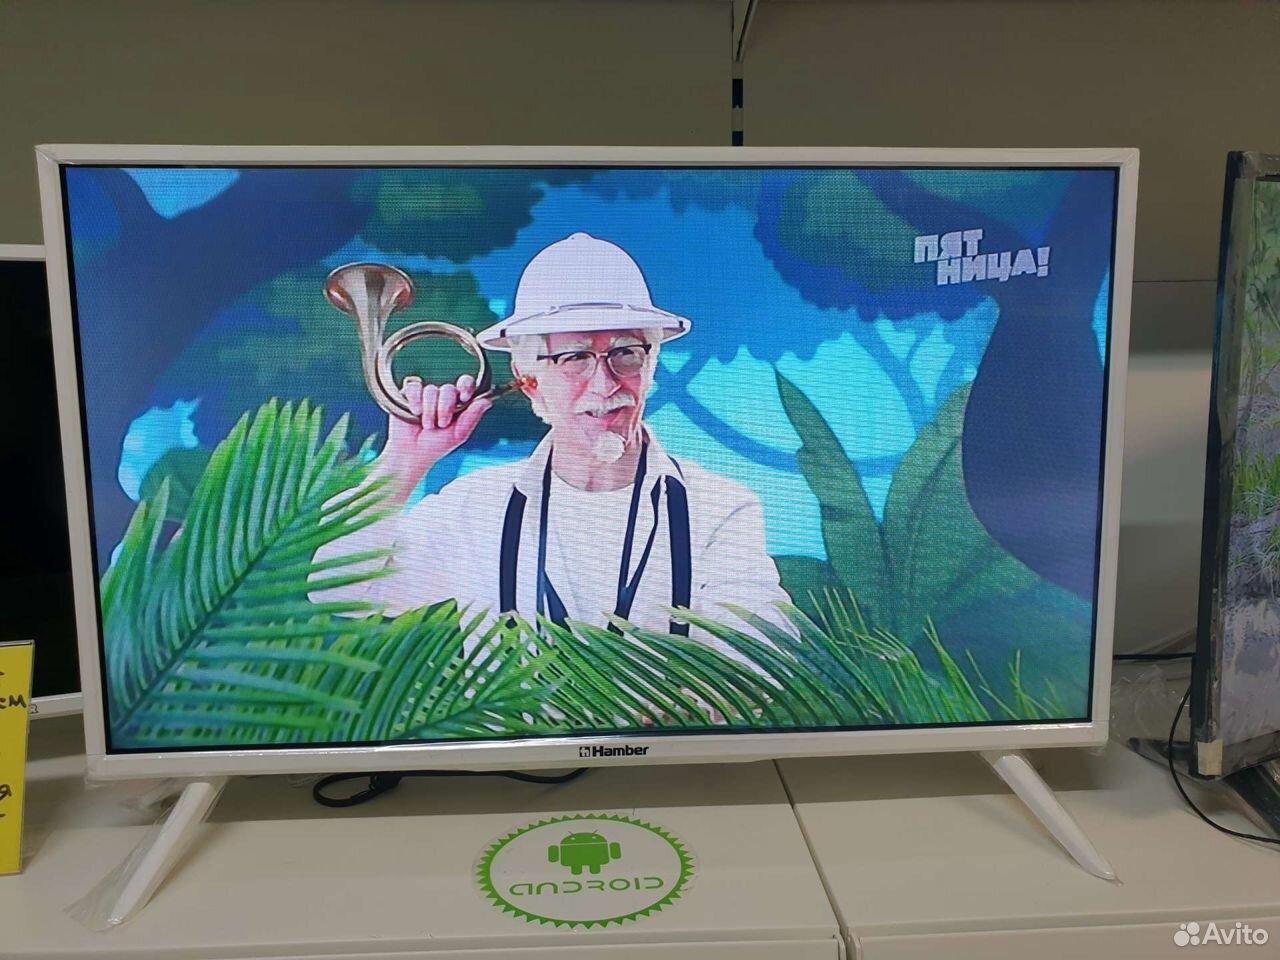 Новый телевизор Hamber 82см DVB-T2 USB  89622641079 купить 4